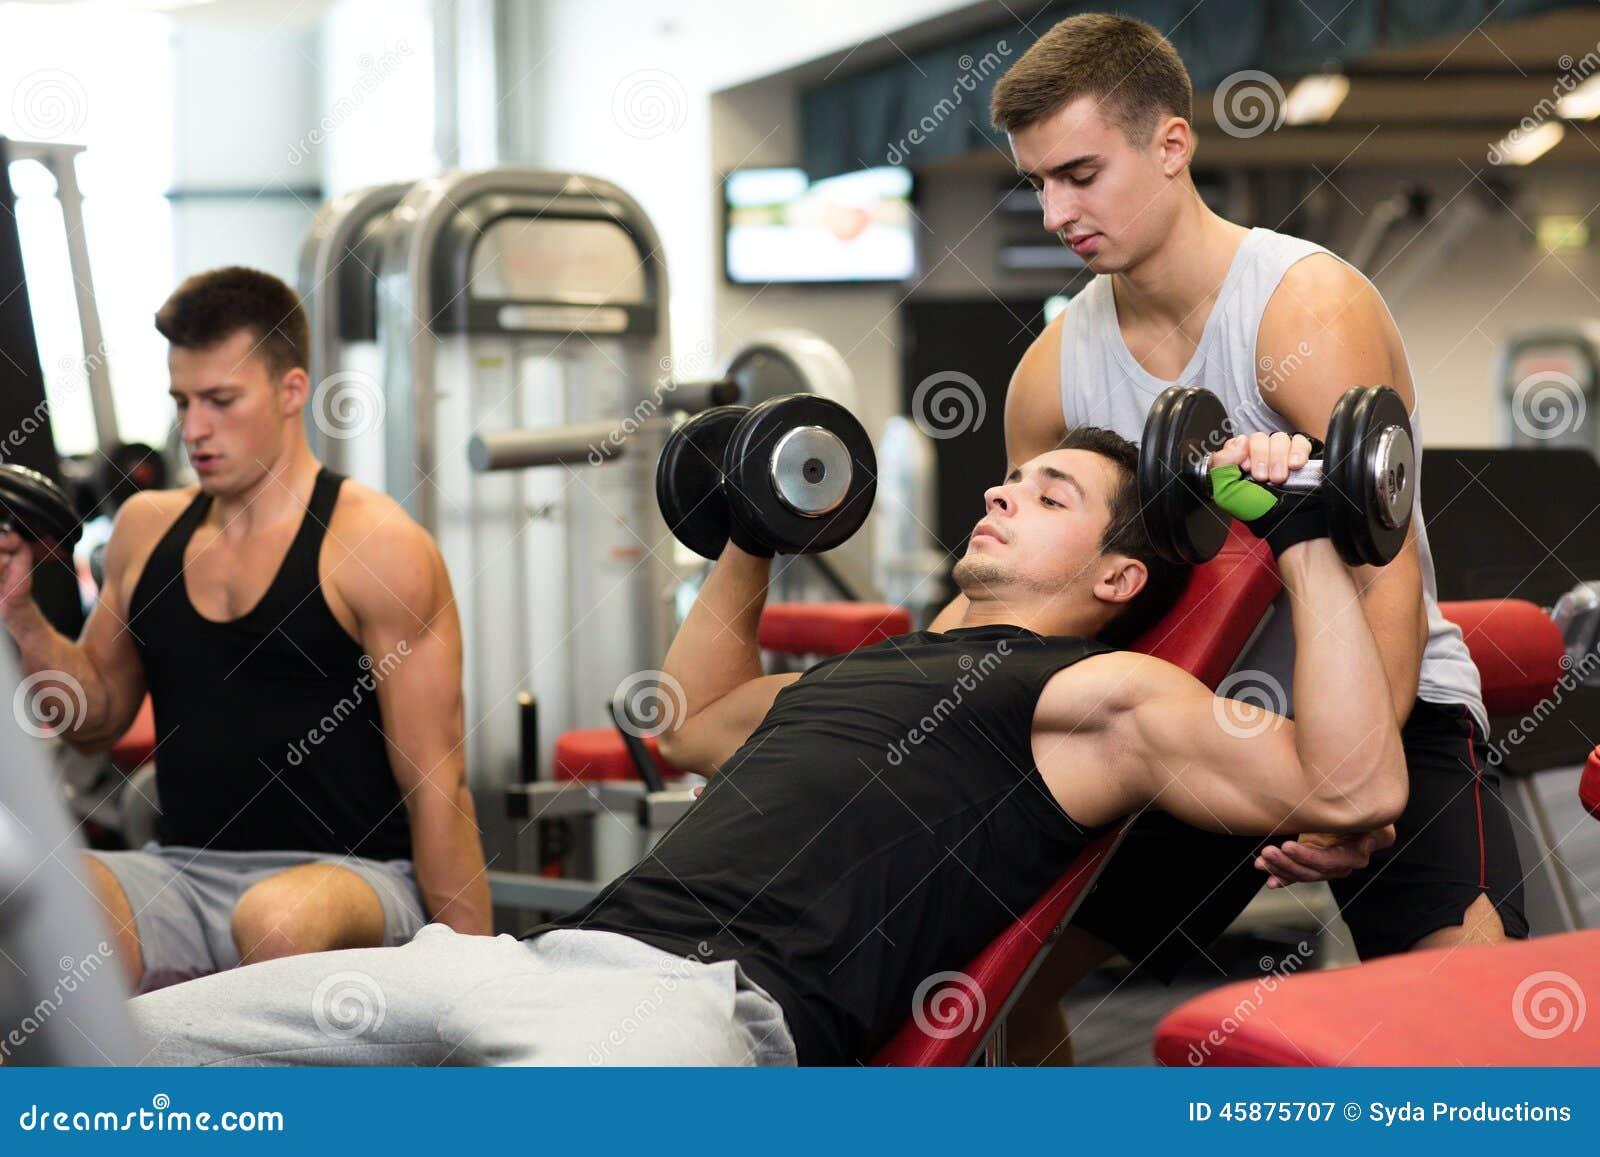 Grupp av män med hantlar i idrottshall